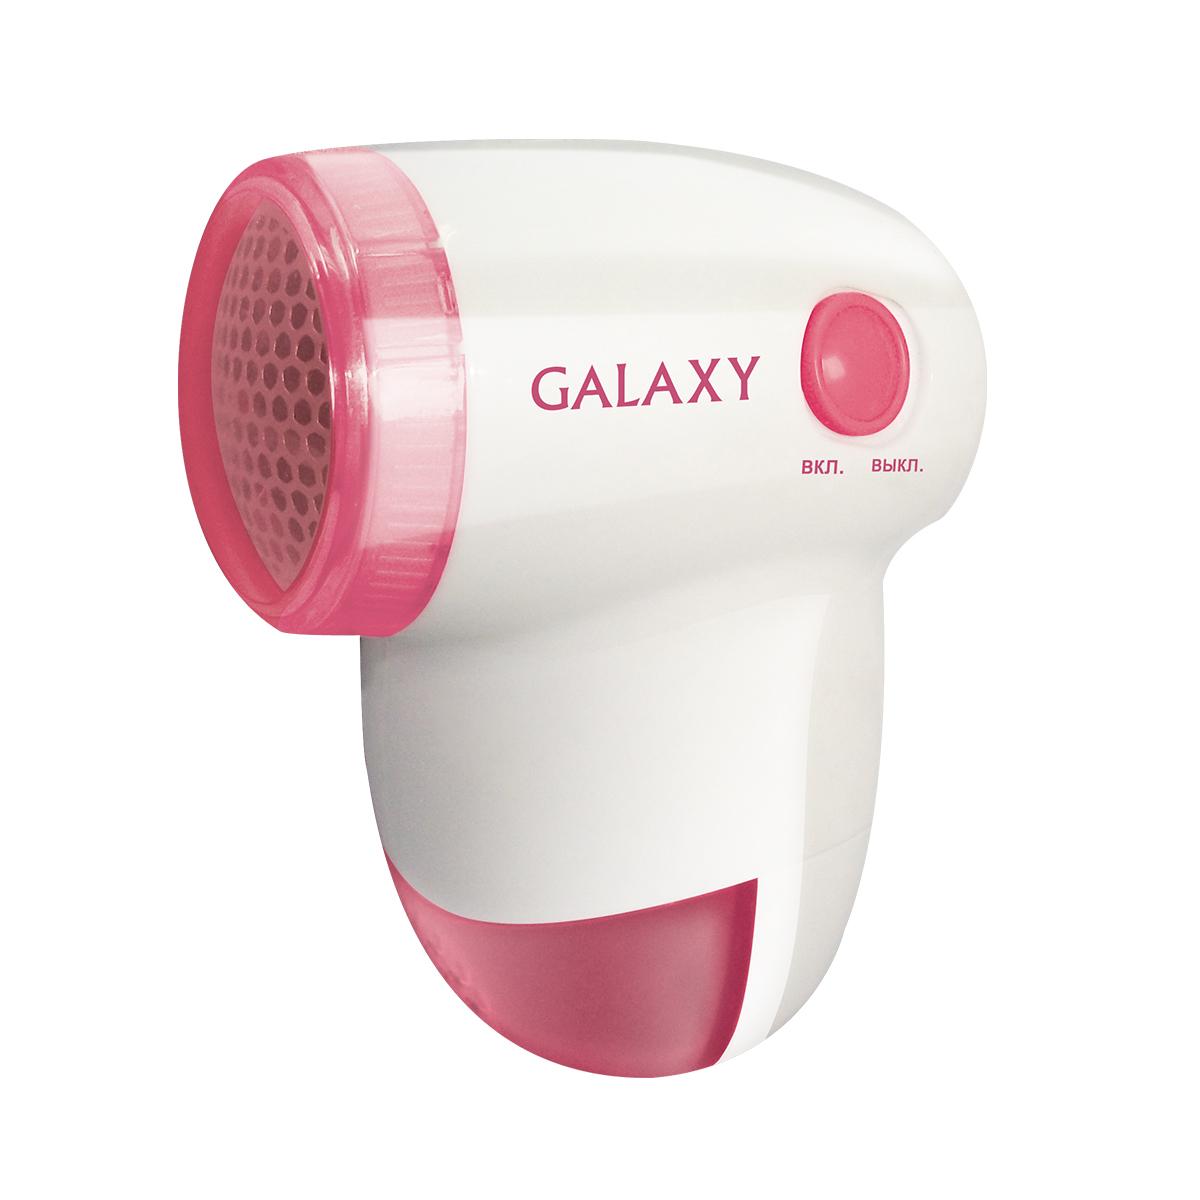 Galaxy GL 6301 миниклинер4630003363770Galaxy GL 6301 - компактная машинка для удаления катышков. Прибор имеет прозрачный съемный контейнер и защитную крышку. Благодаря эргономичной форме машинка удобно ложится в руку. Металлическая сетка из материала с антикоррозийным покрытием надежно захватывает узелки и ворс, которые со временем образуются на ткани. Galaxy GL 6301 питается от стандартных батареек АА. Данную модель можно брать с собой в путешествие, поскольку компактный размер позволяет хранить его в небольшом кармане дорожной сумки.Питание: 2 батарейки типа АА (в комплект не входят)Стальные лезвия